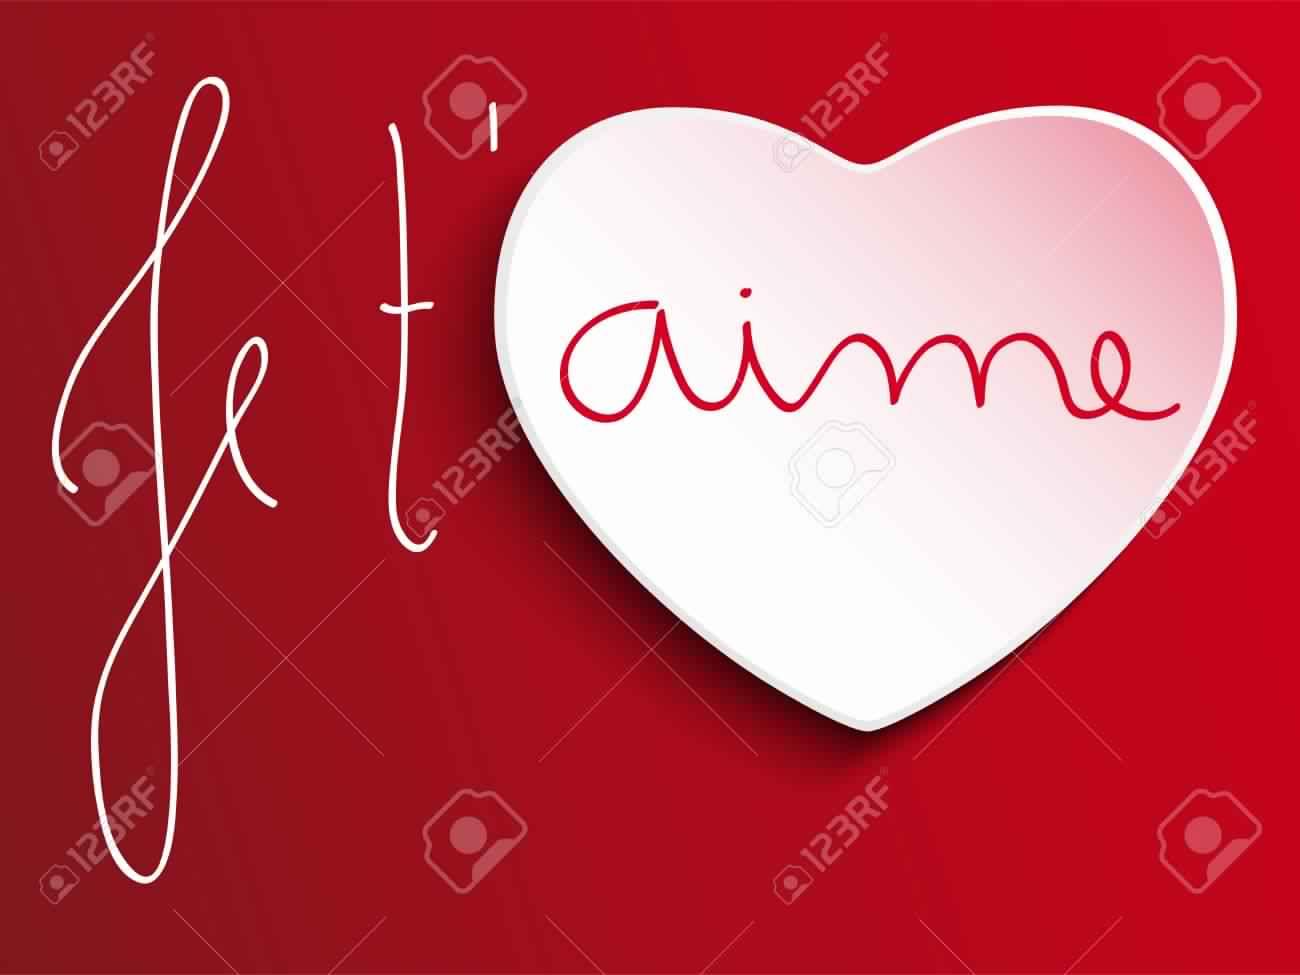 Magnifique mots d 39 amour pour dire je t 39 aime mot d 39 amour phrase d 39 amour lettre d 39 amour po sie - T aime te faire belle ...